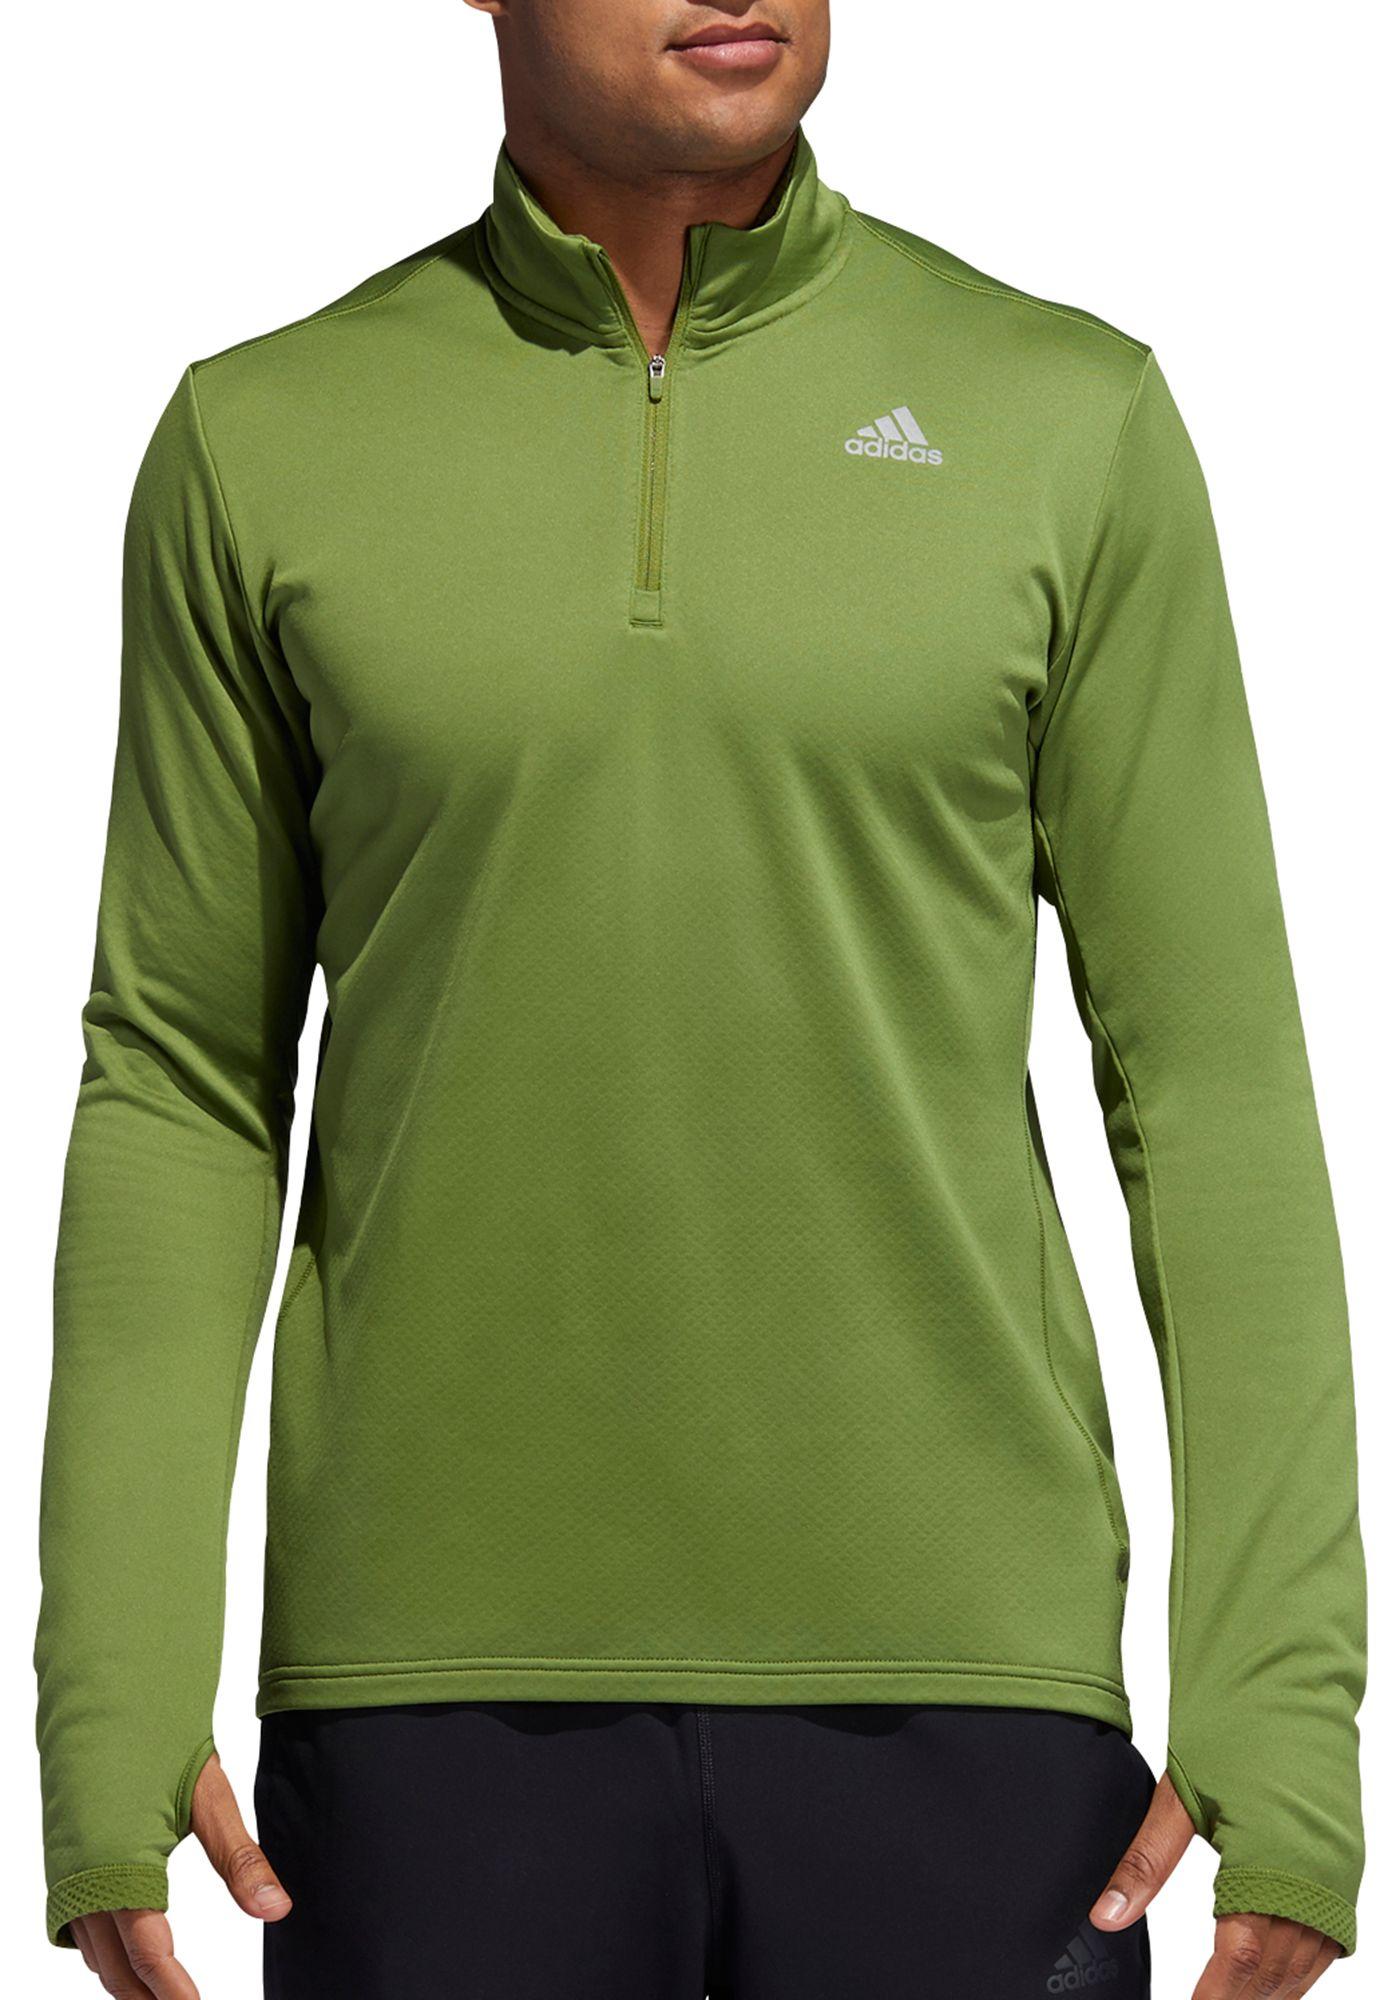 adidas Men's Response 1/4 Zip Sweatshirt